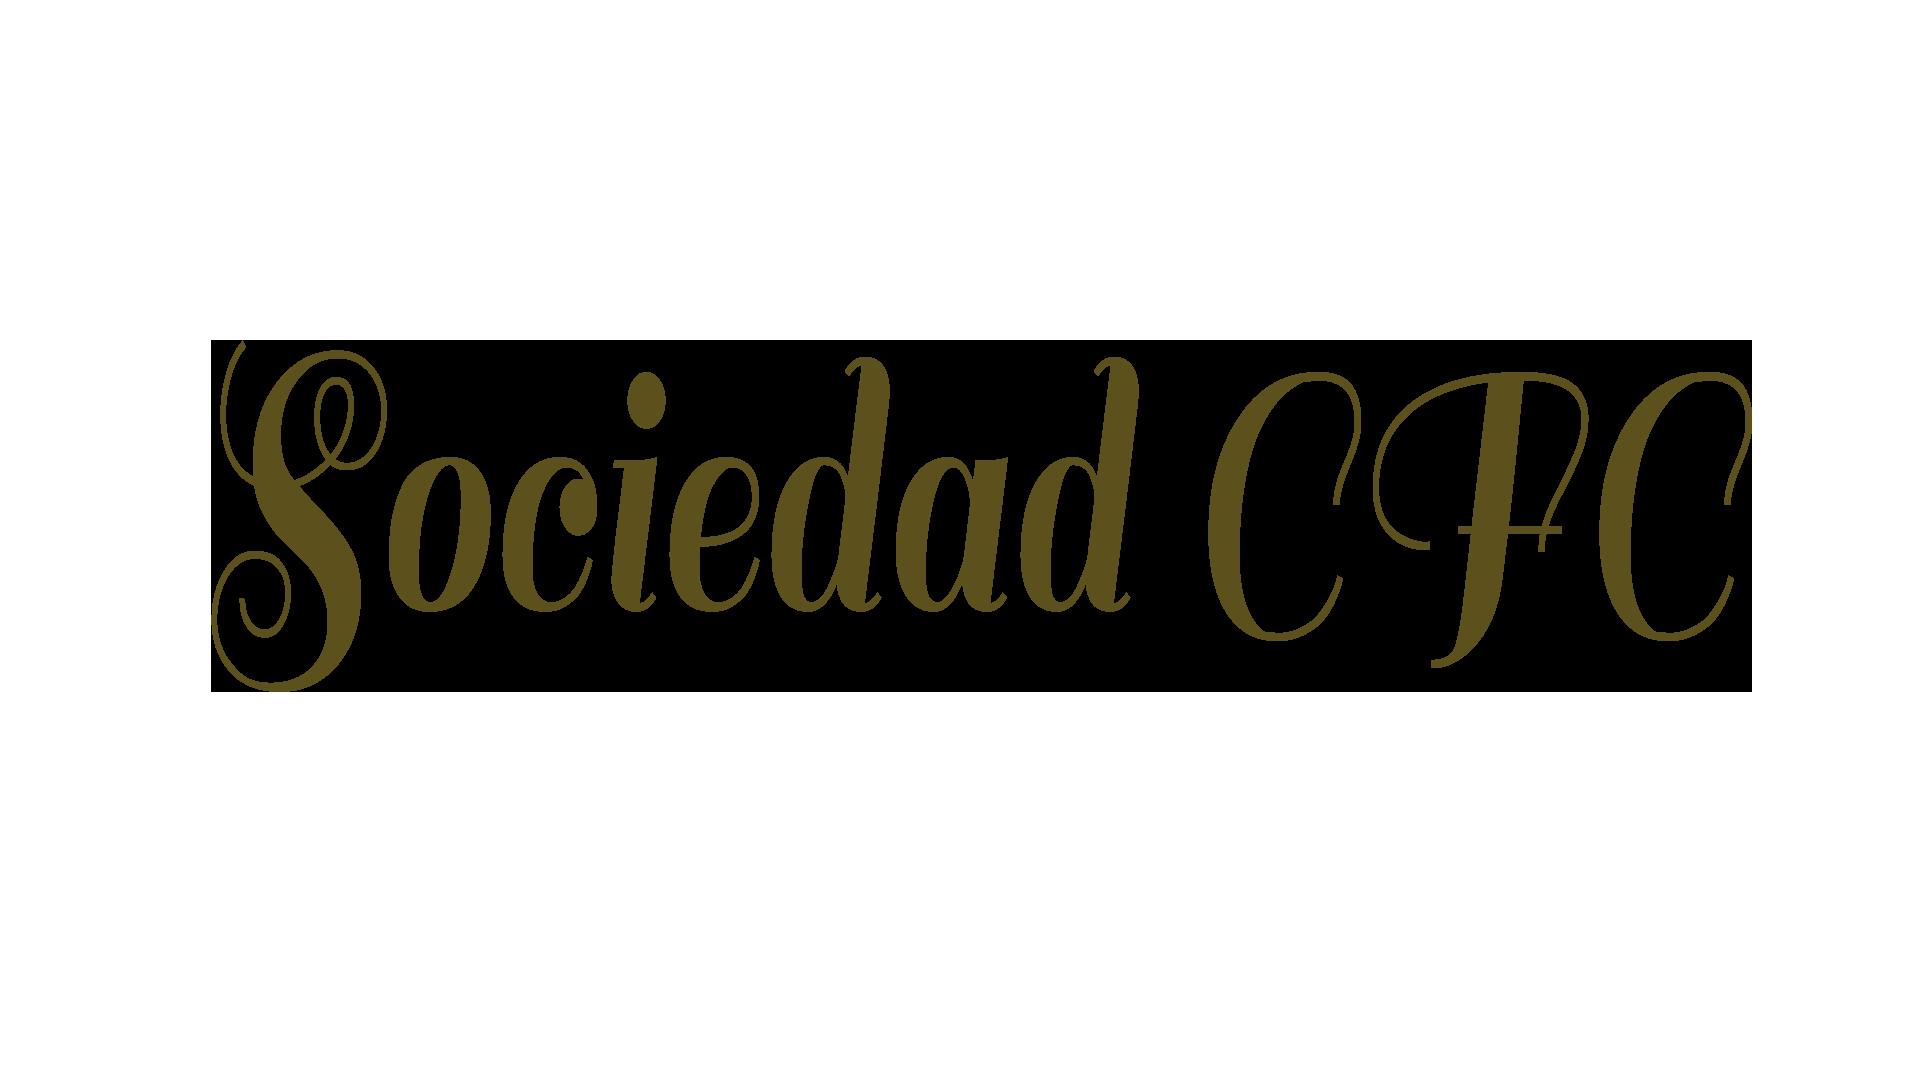 Sociedad CFC